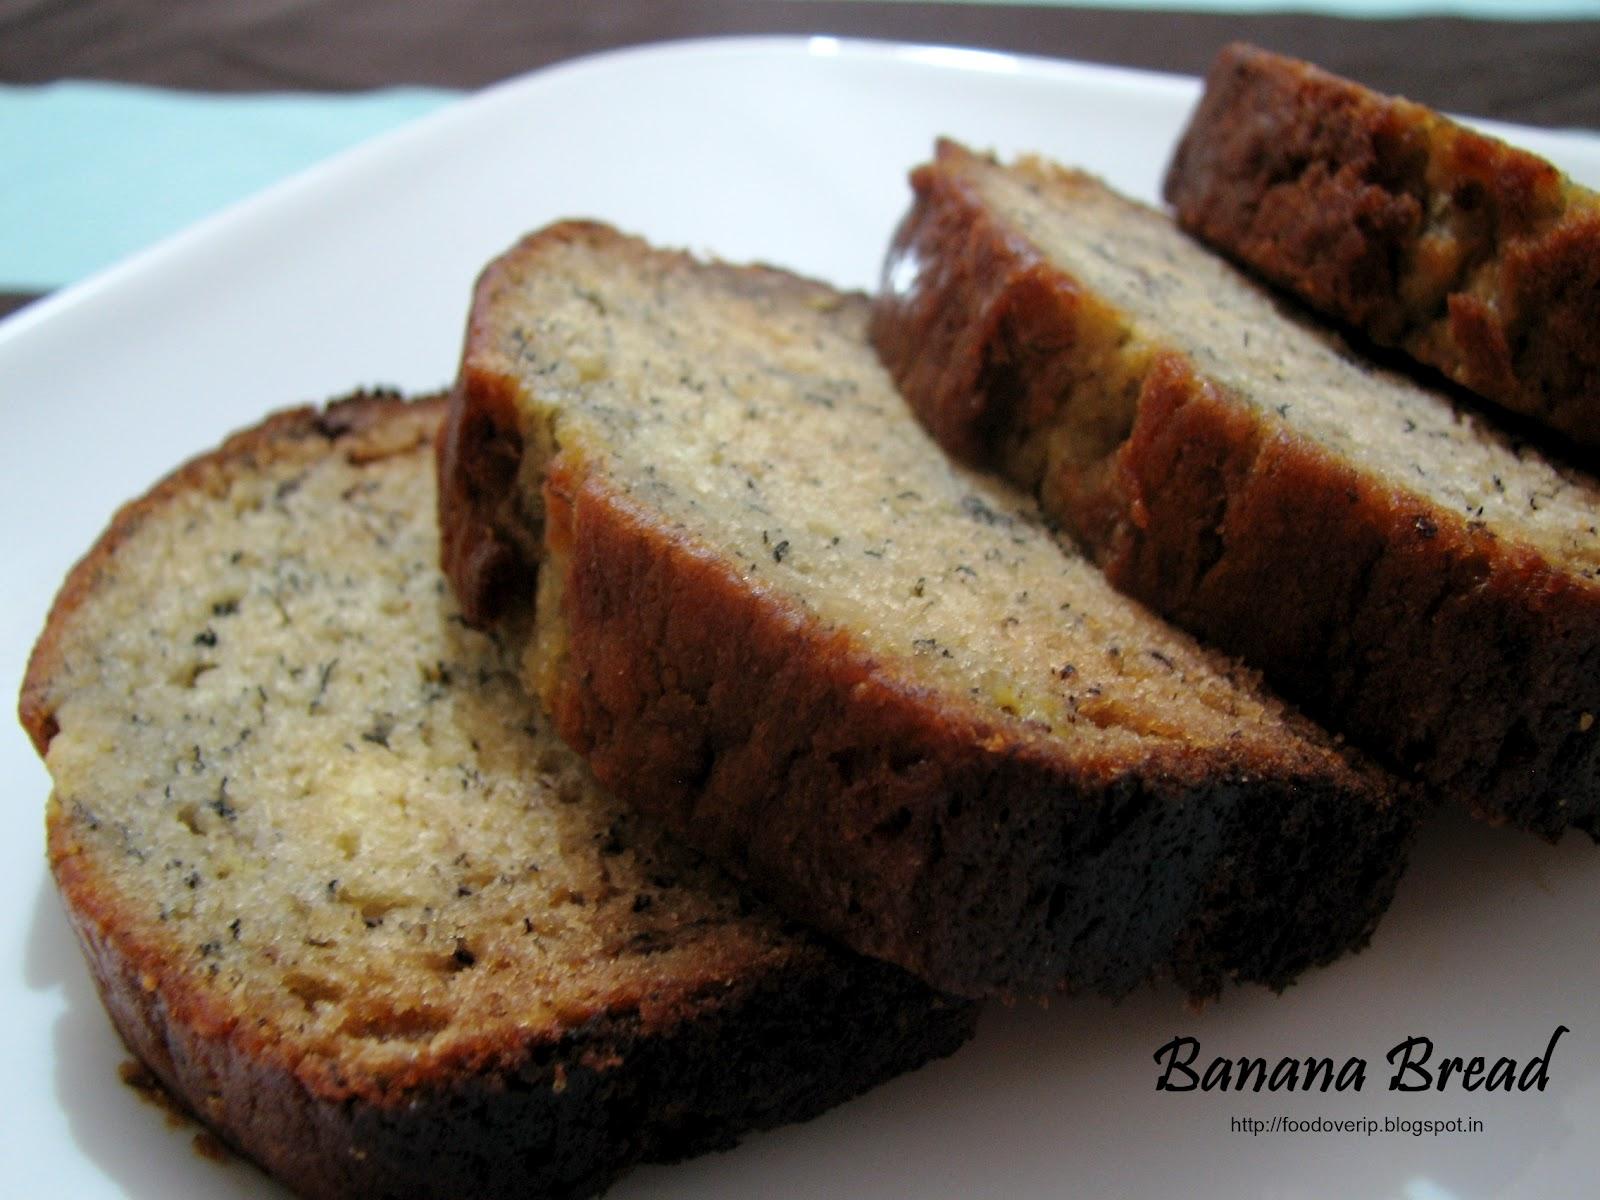 Food Over Ip Banana Bread